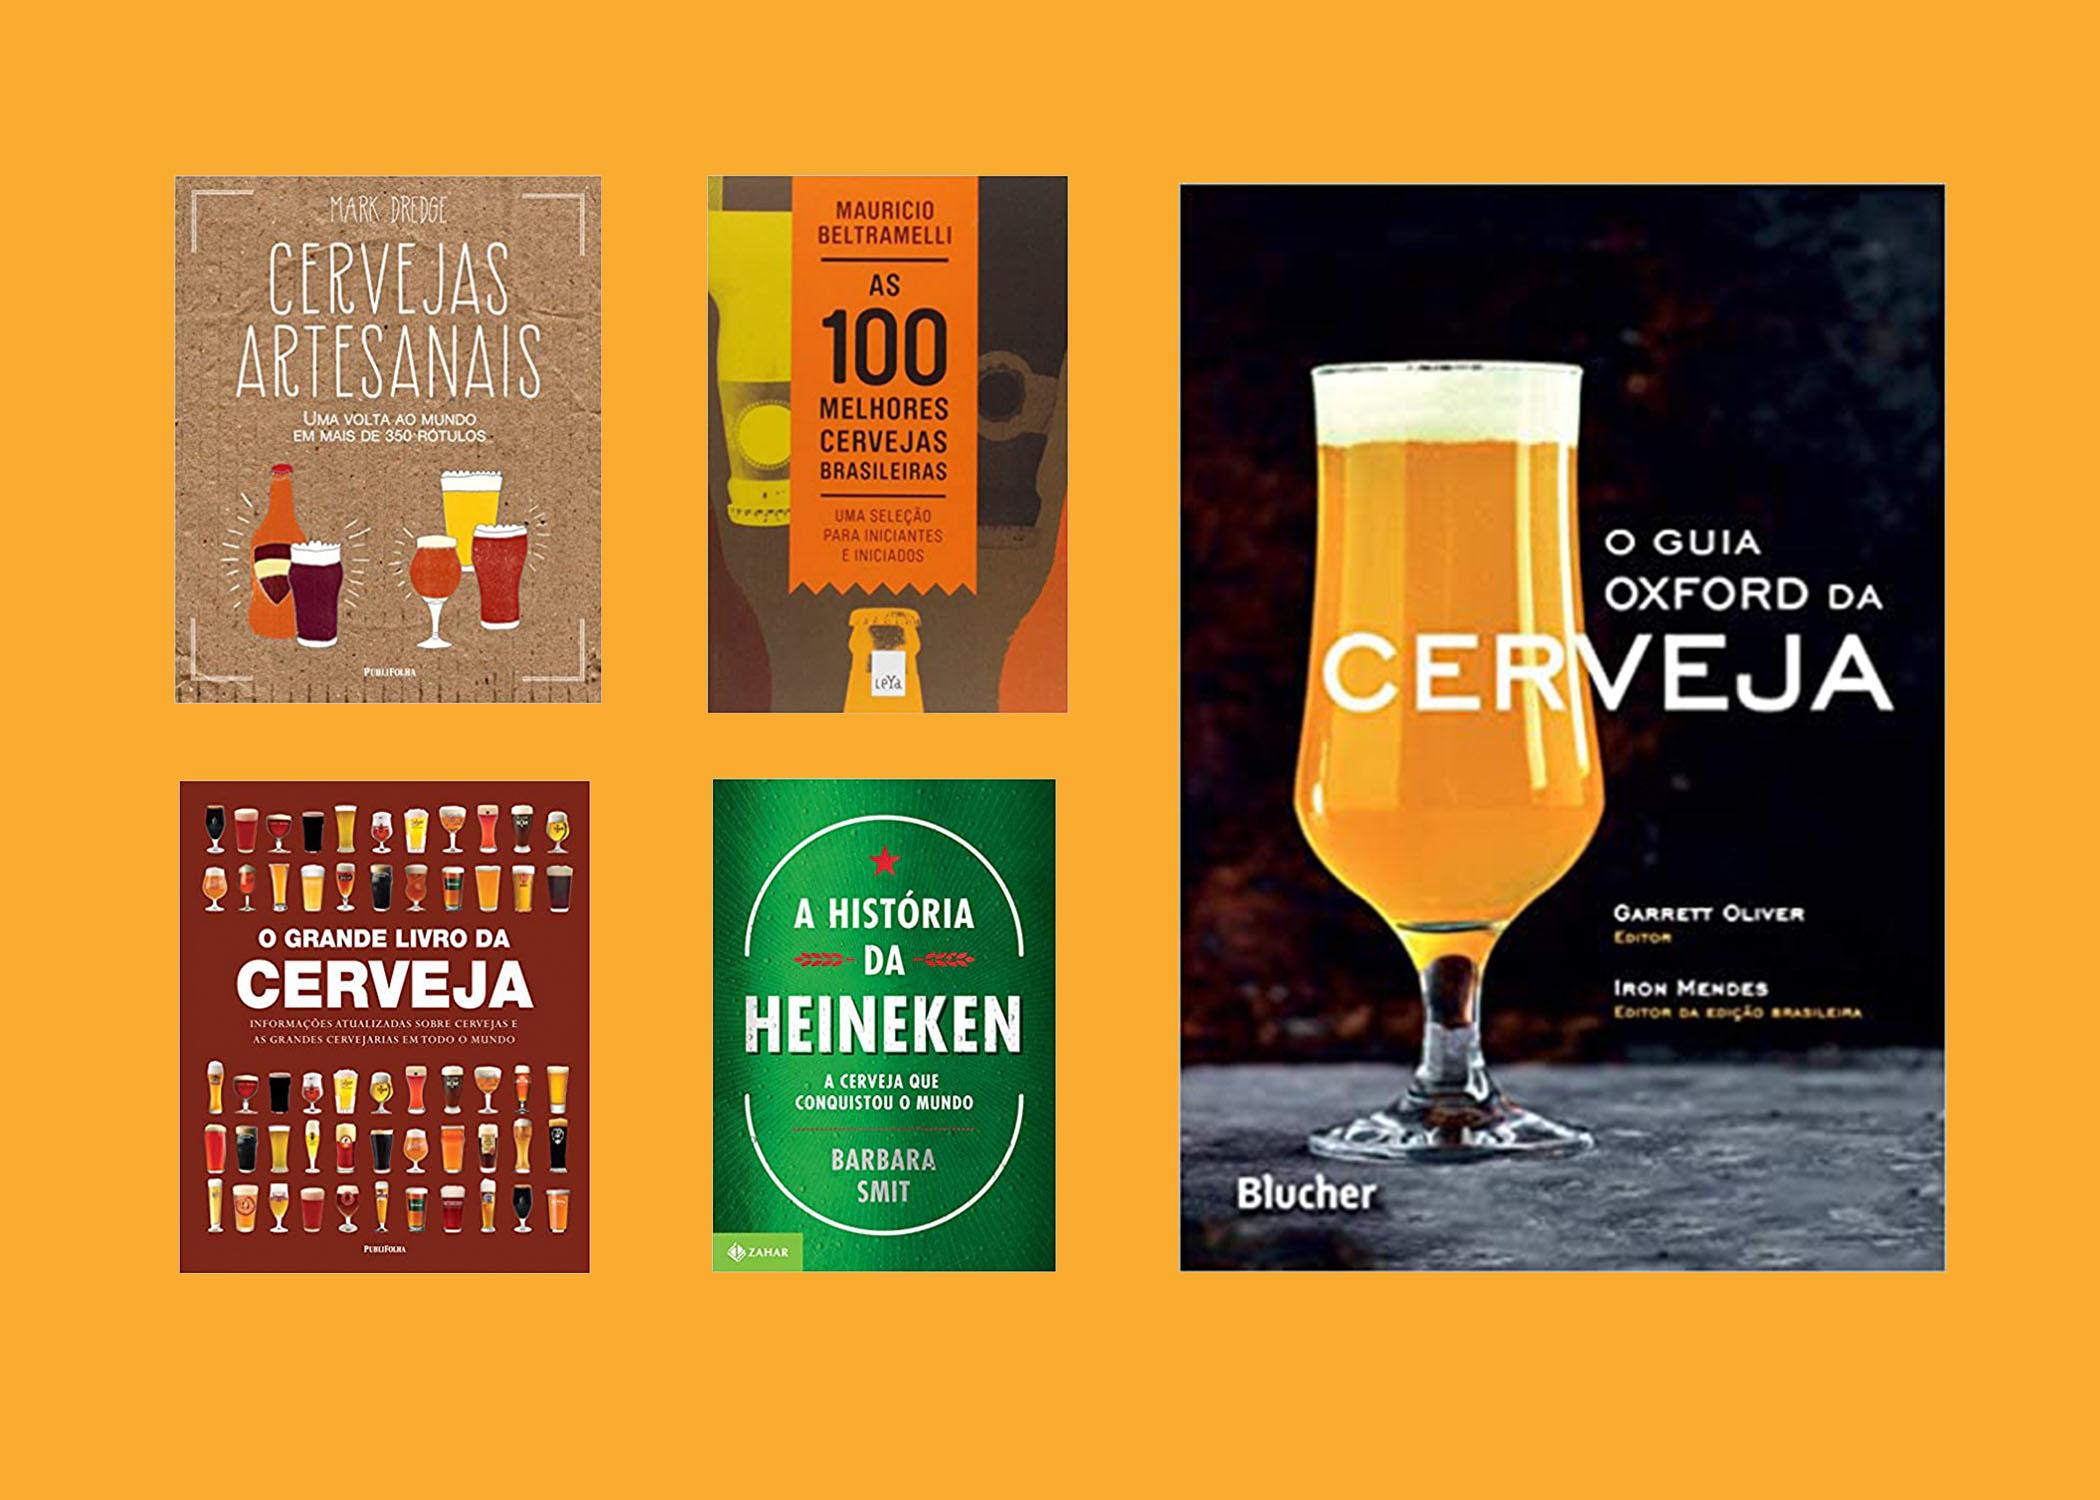 Melhores Livros sobre Cerveja de 2020 para dar de presente de Natal